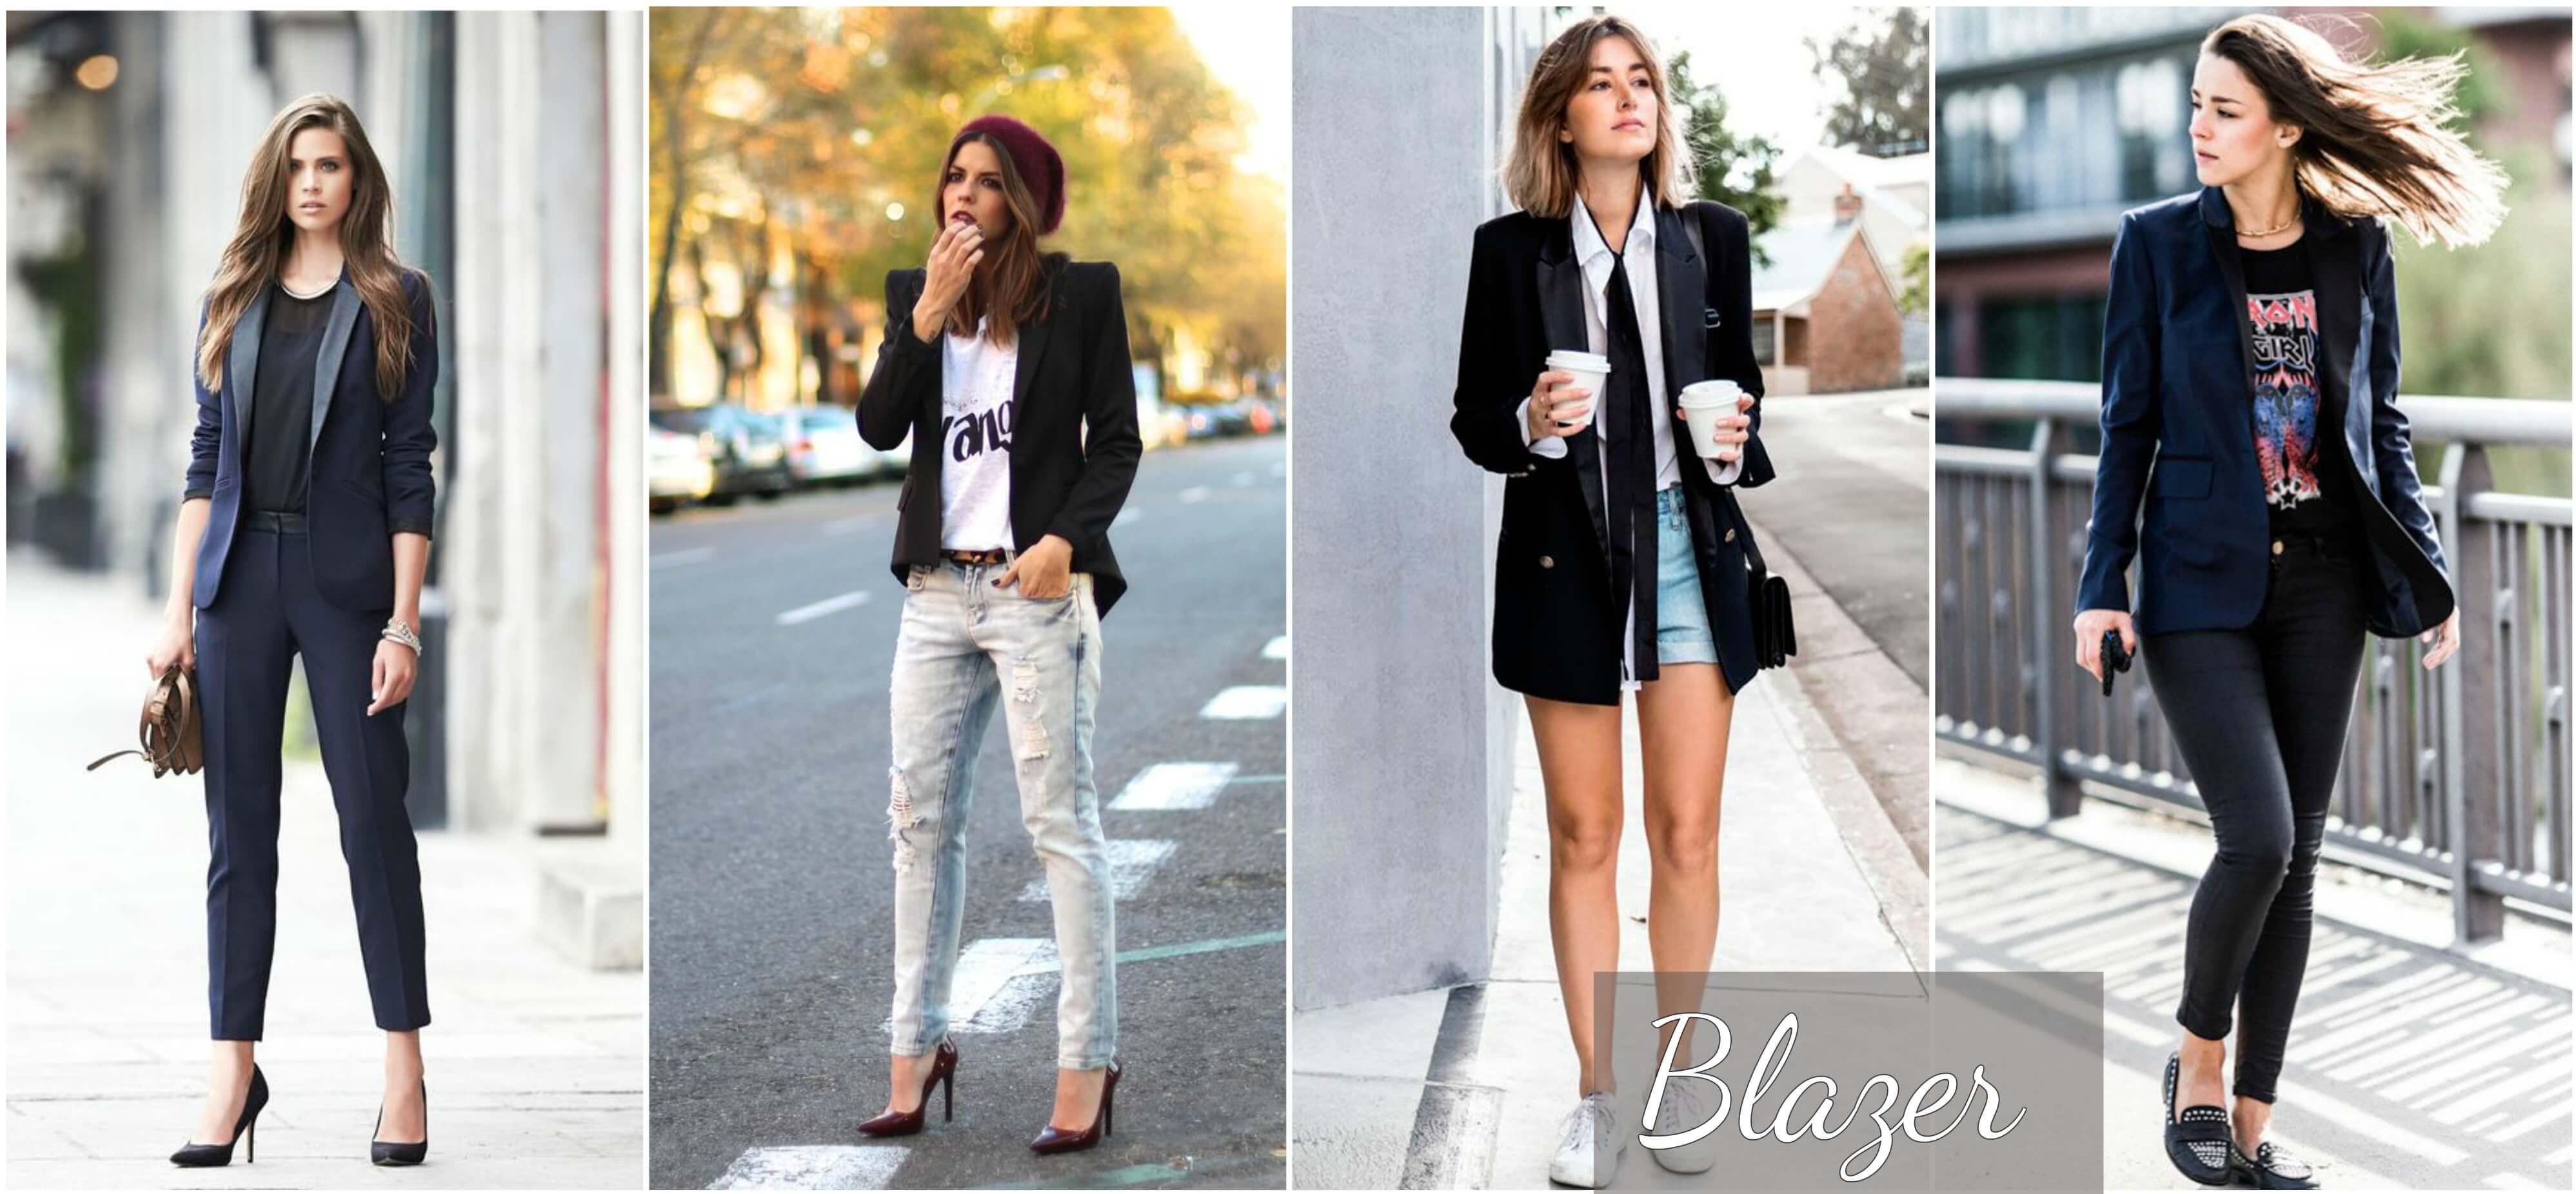 d25712c7d O blazer foi roubado do guarda-roupa masculino e fica perfeito nas mulheres  de qualquer idade. Quem ainda não tem um pode investir no modelo clássico,  ...